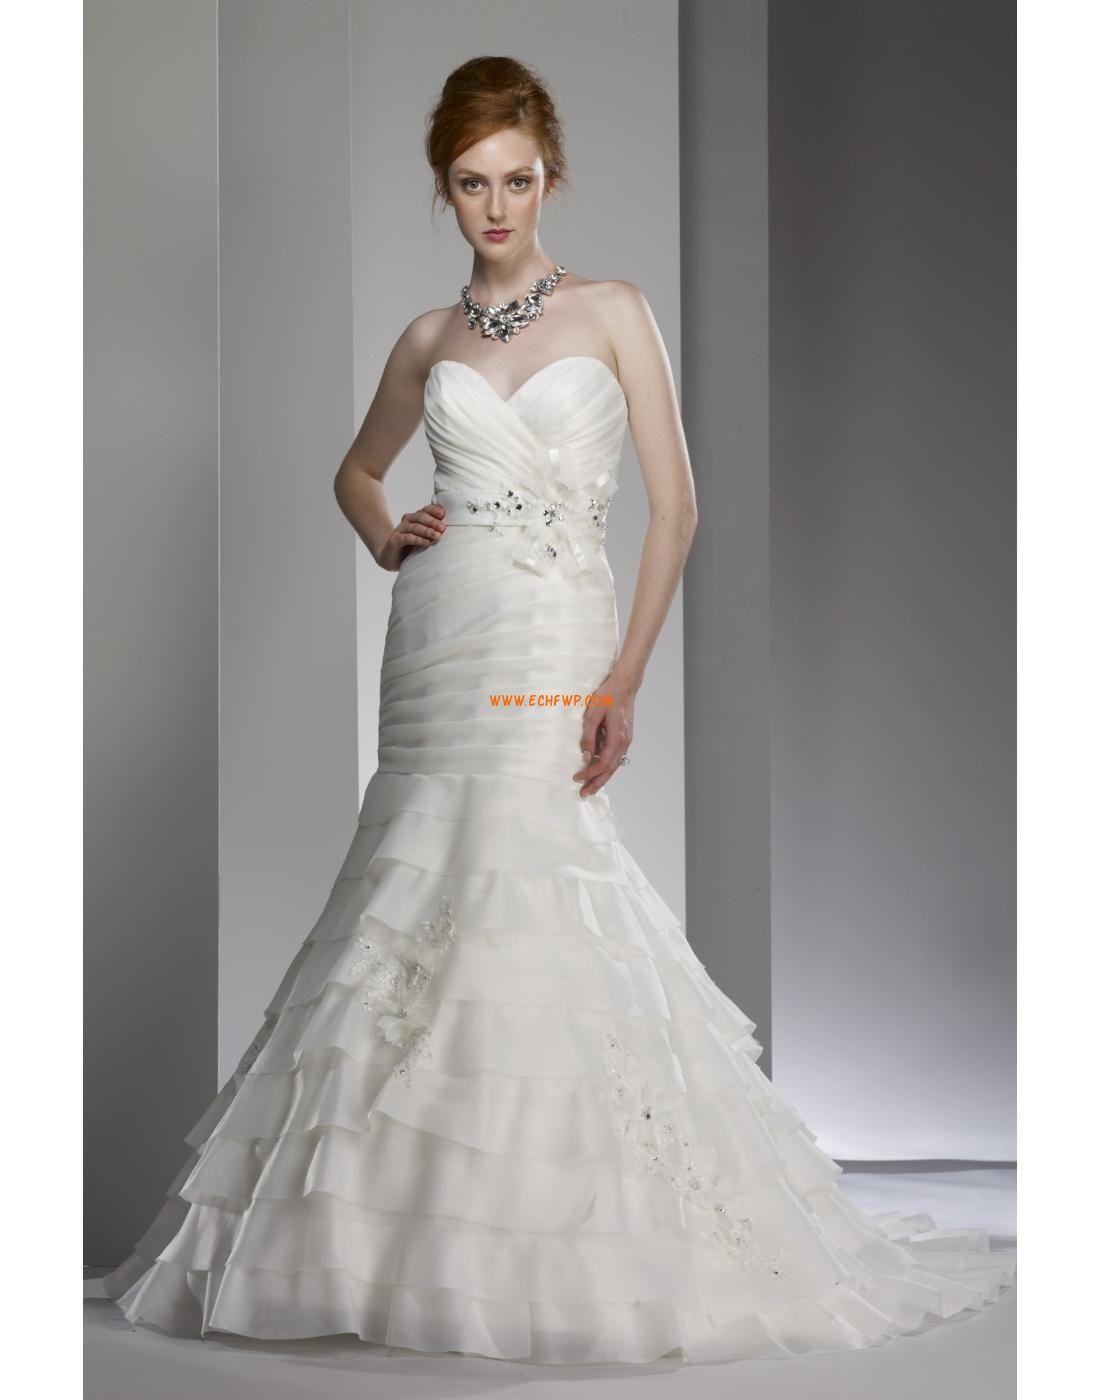 Herz-Ausschnitt Tülle 3/4 Arm Brautkleider 2014 | Billig ...